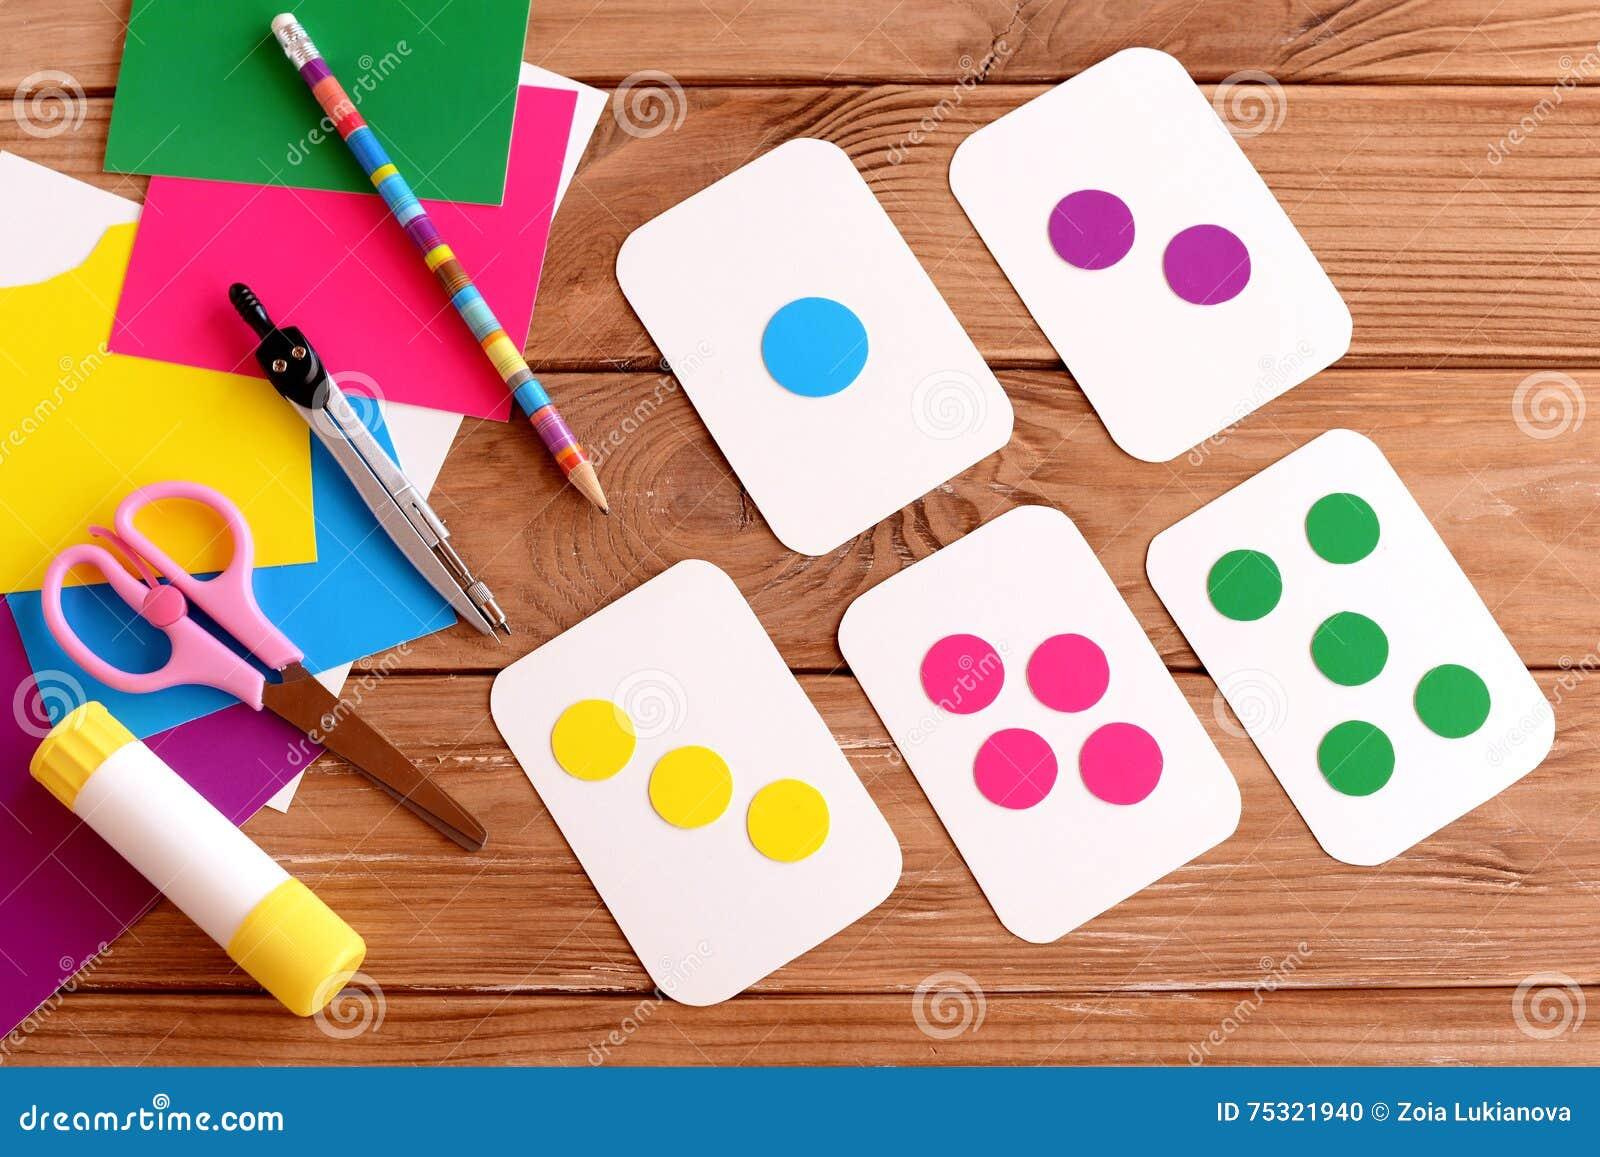 Tarjetas De La Educación Para Los Niños Aprendizaje De Colores Niños ...